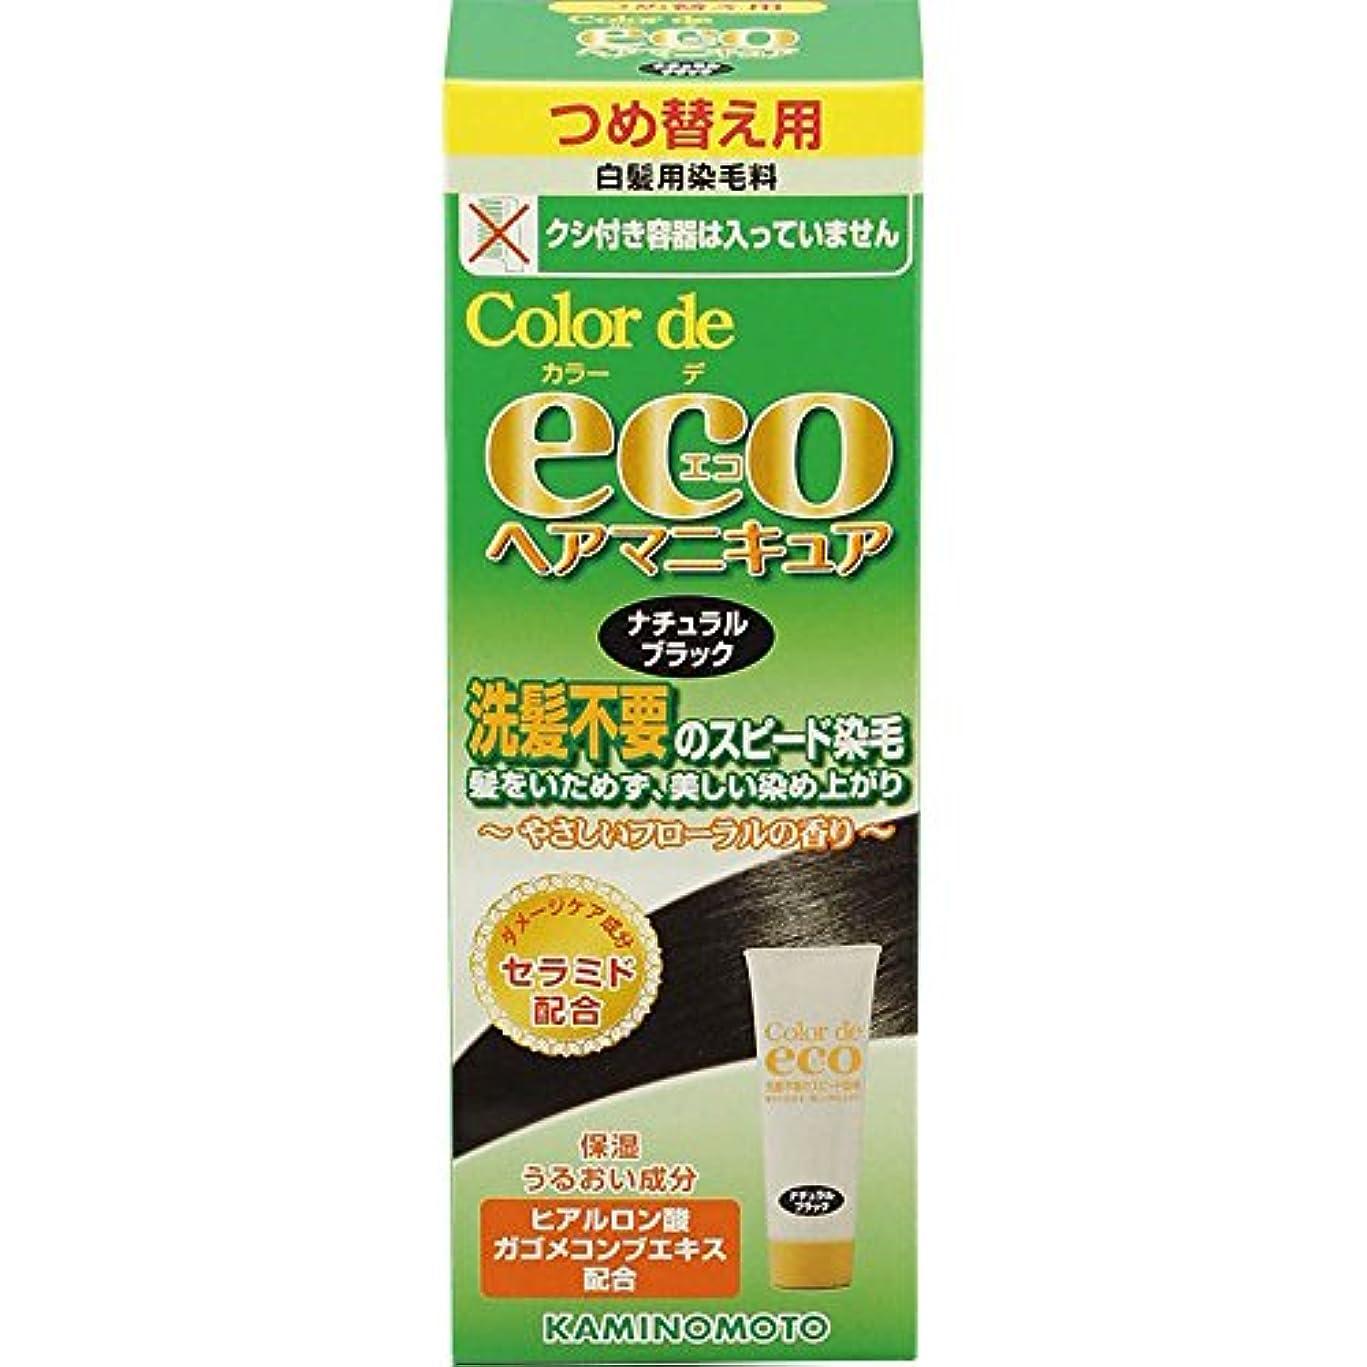 ラバホステル上流の加美乃素 カラー デ エコ 詰め替え ナチュラルブラック 70mL